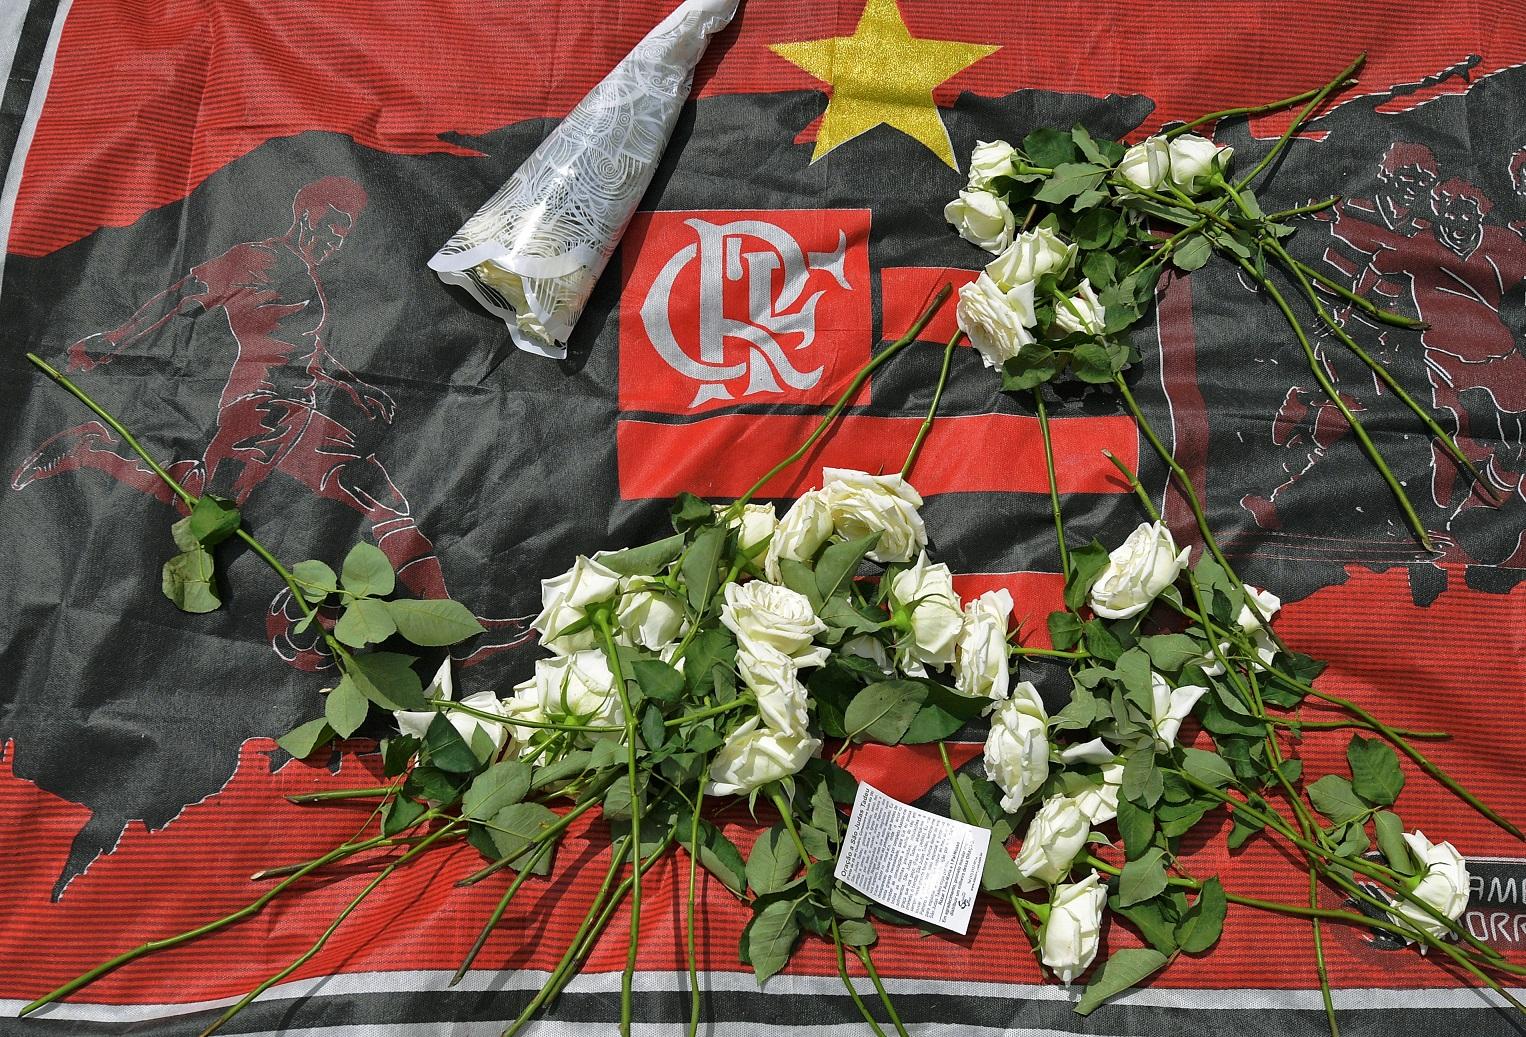 Flores sobre a bandeira do Flamengo. Luto pela tragédia que matou dez pessoas. Foto Carl de Souza/AFP